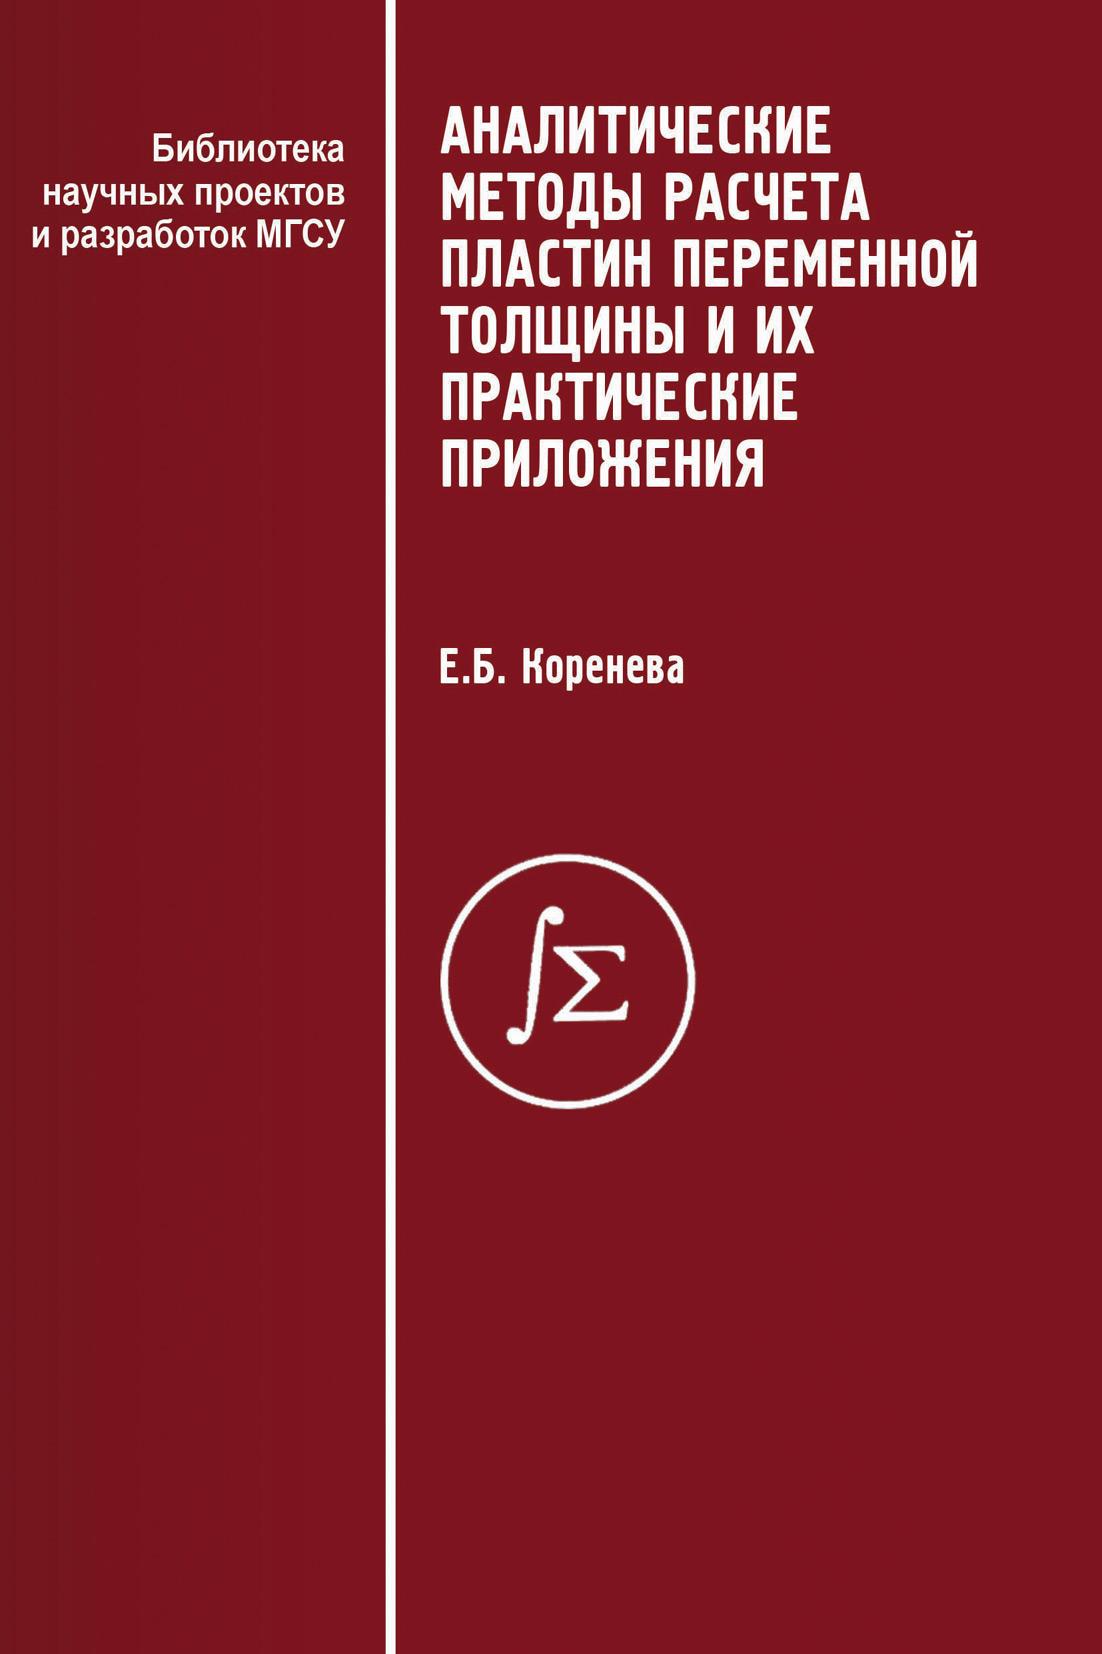 Е. Б. Коренева Аналитические методы расчета пластин переменной толщины и их практические приложения